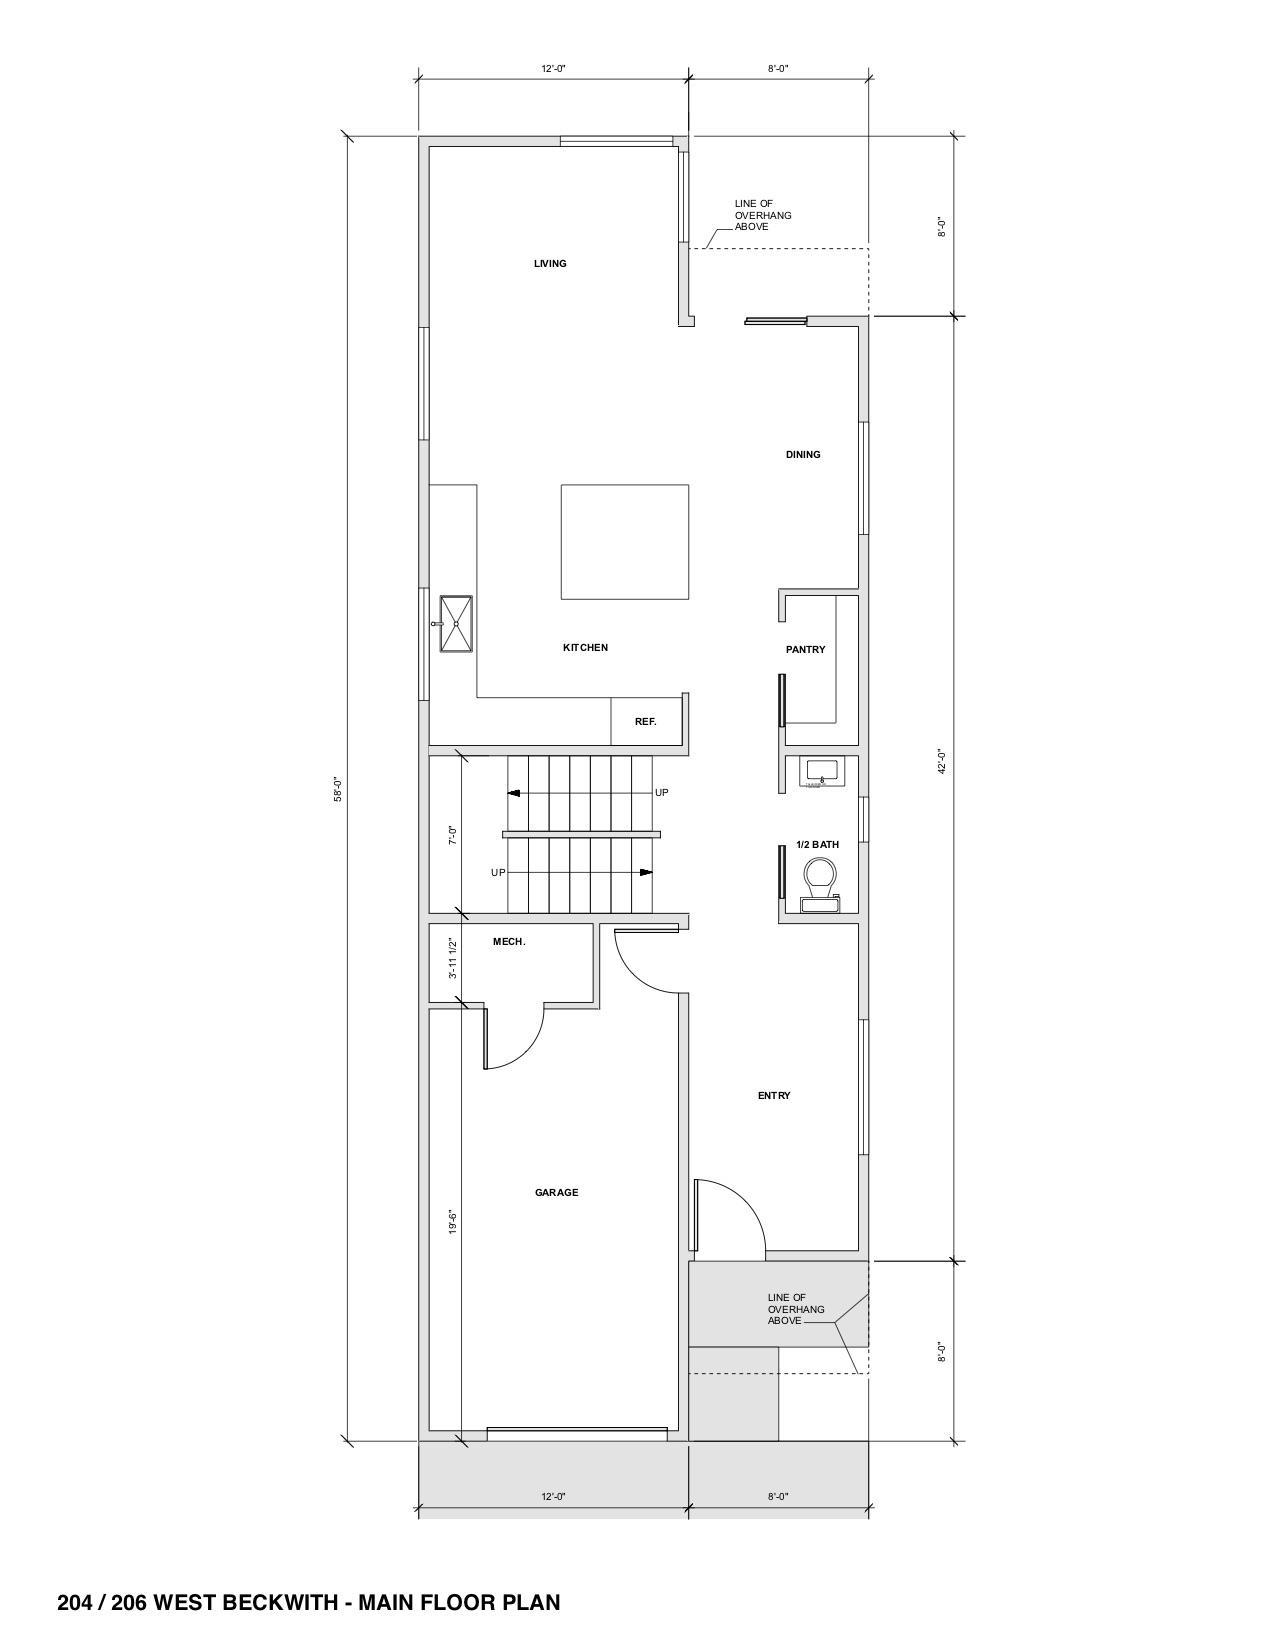 204 first floor